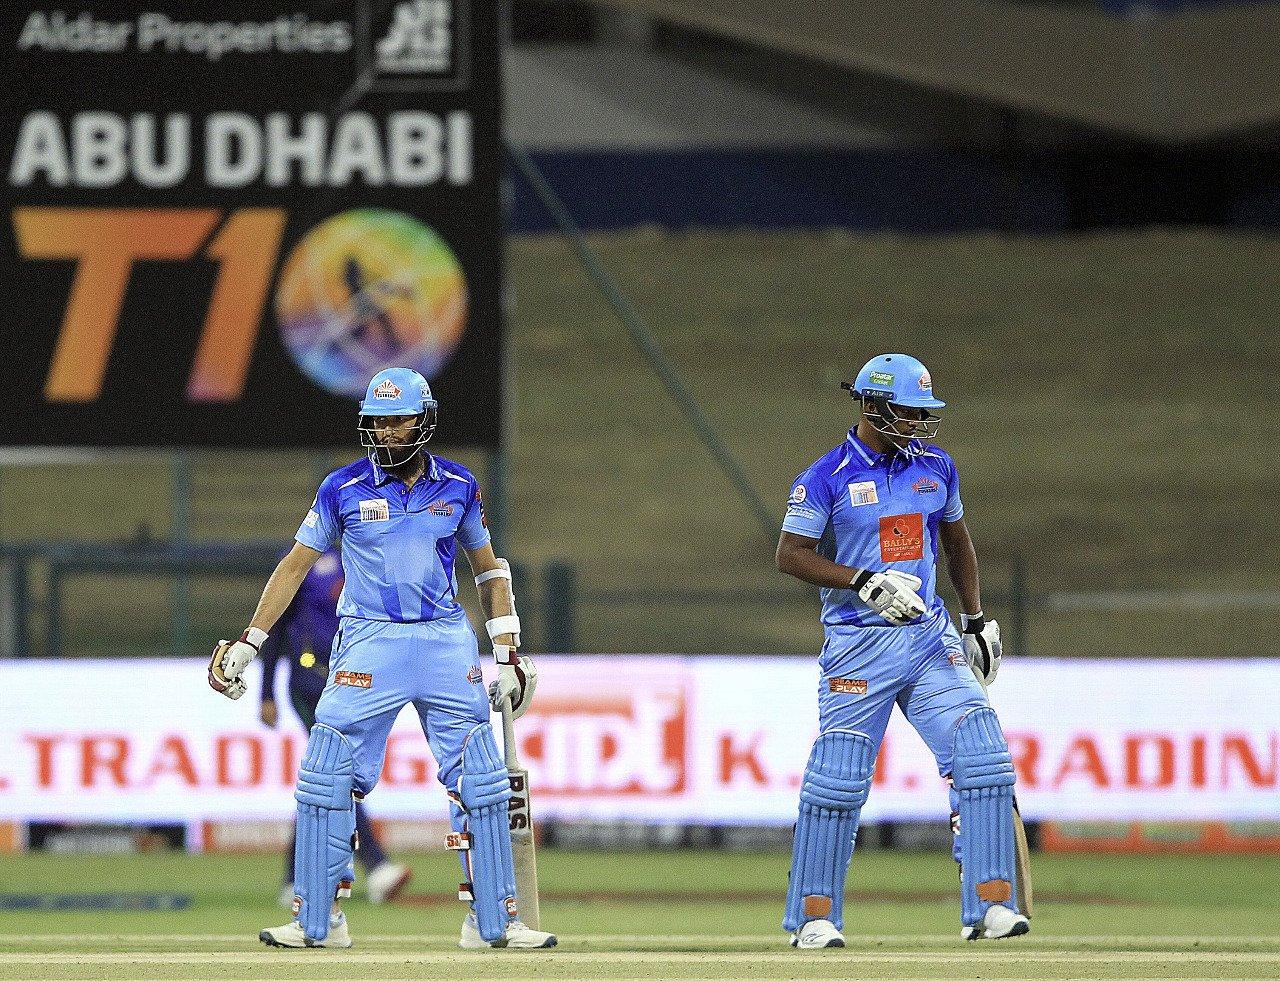 टी-10 लीग: हाशिम अमला की बेहतरीन बल्लेबाजी के बावजूद कर्नाटक तस्कर्स को मिली हार 11